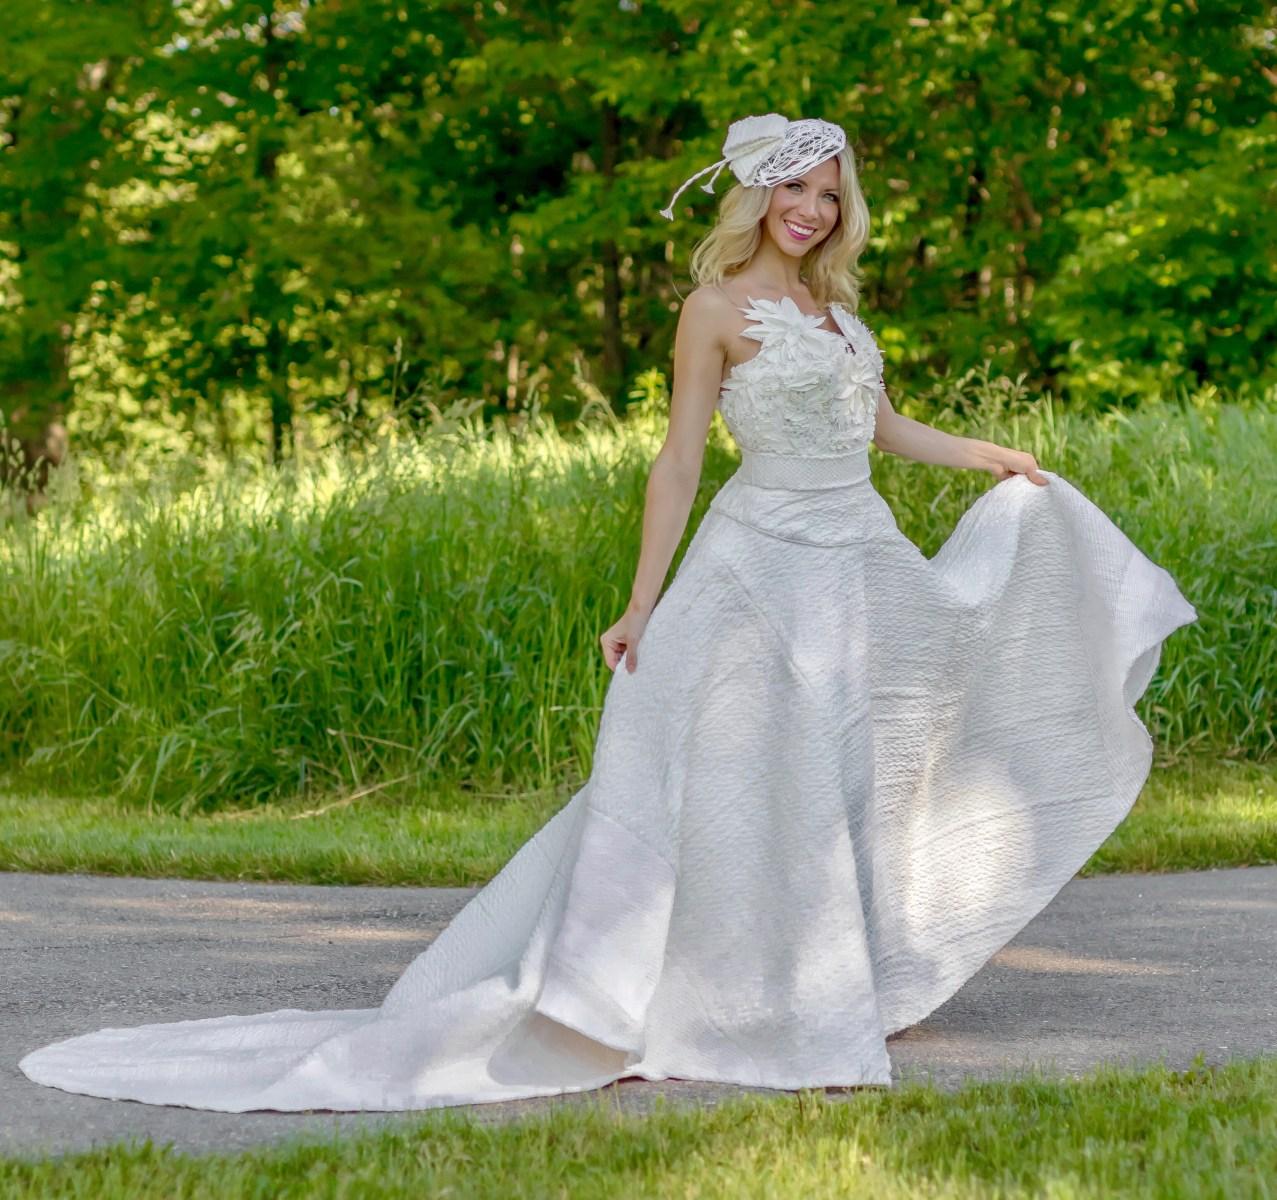 Meet the top 10 toilet paper wedding dress designers for Top 10 wedding dress designers